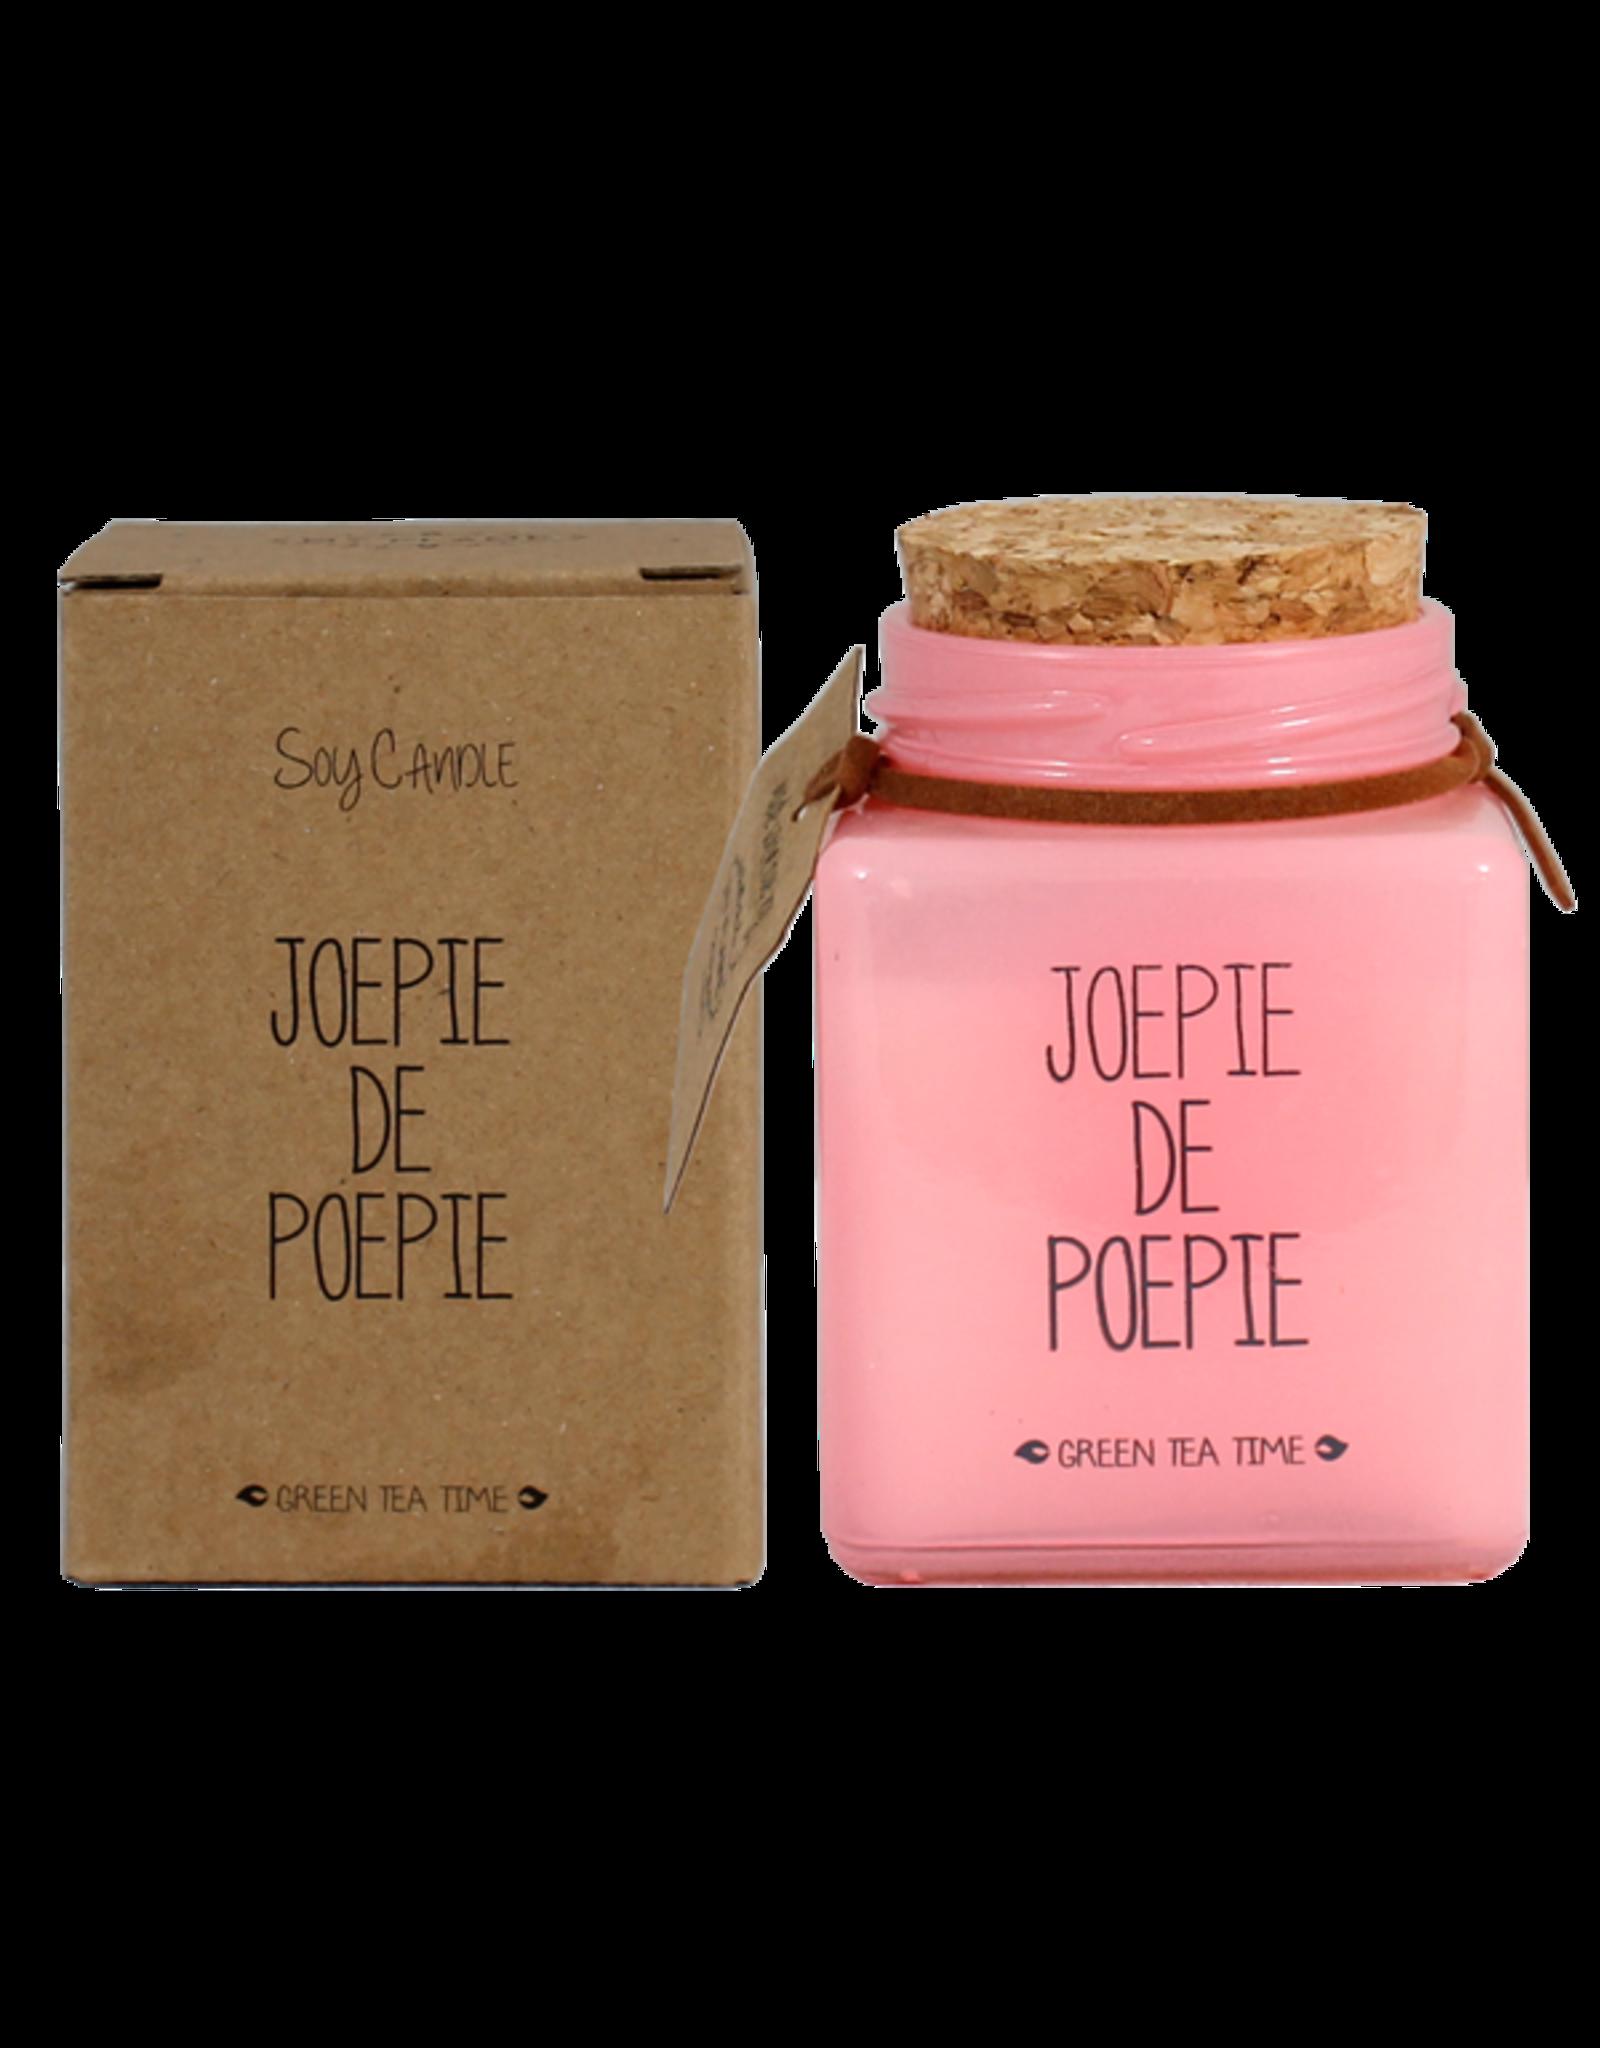 My flame Lifestyle Sojakaars | Joepie de Poepie | Geur : Green Tea Time